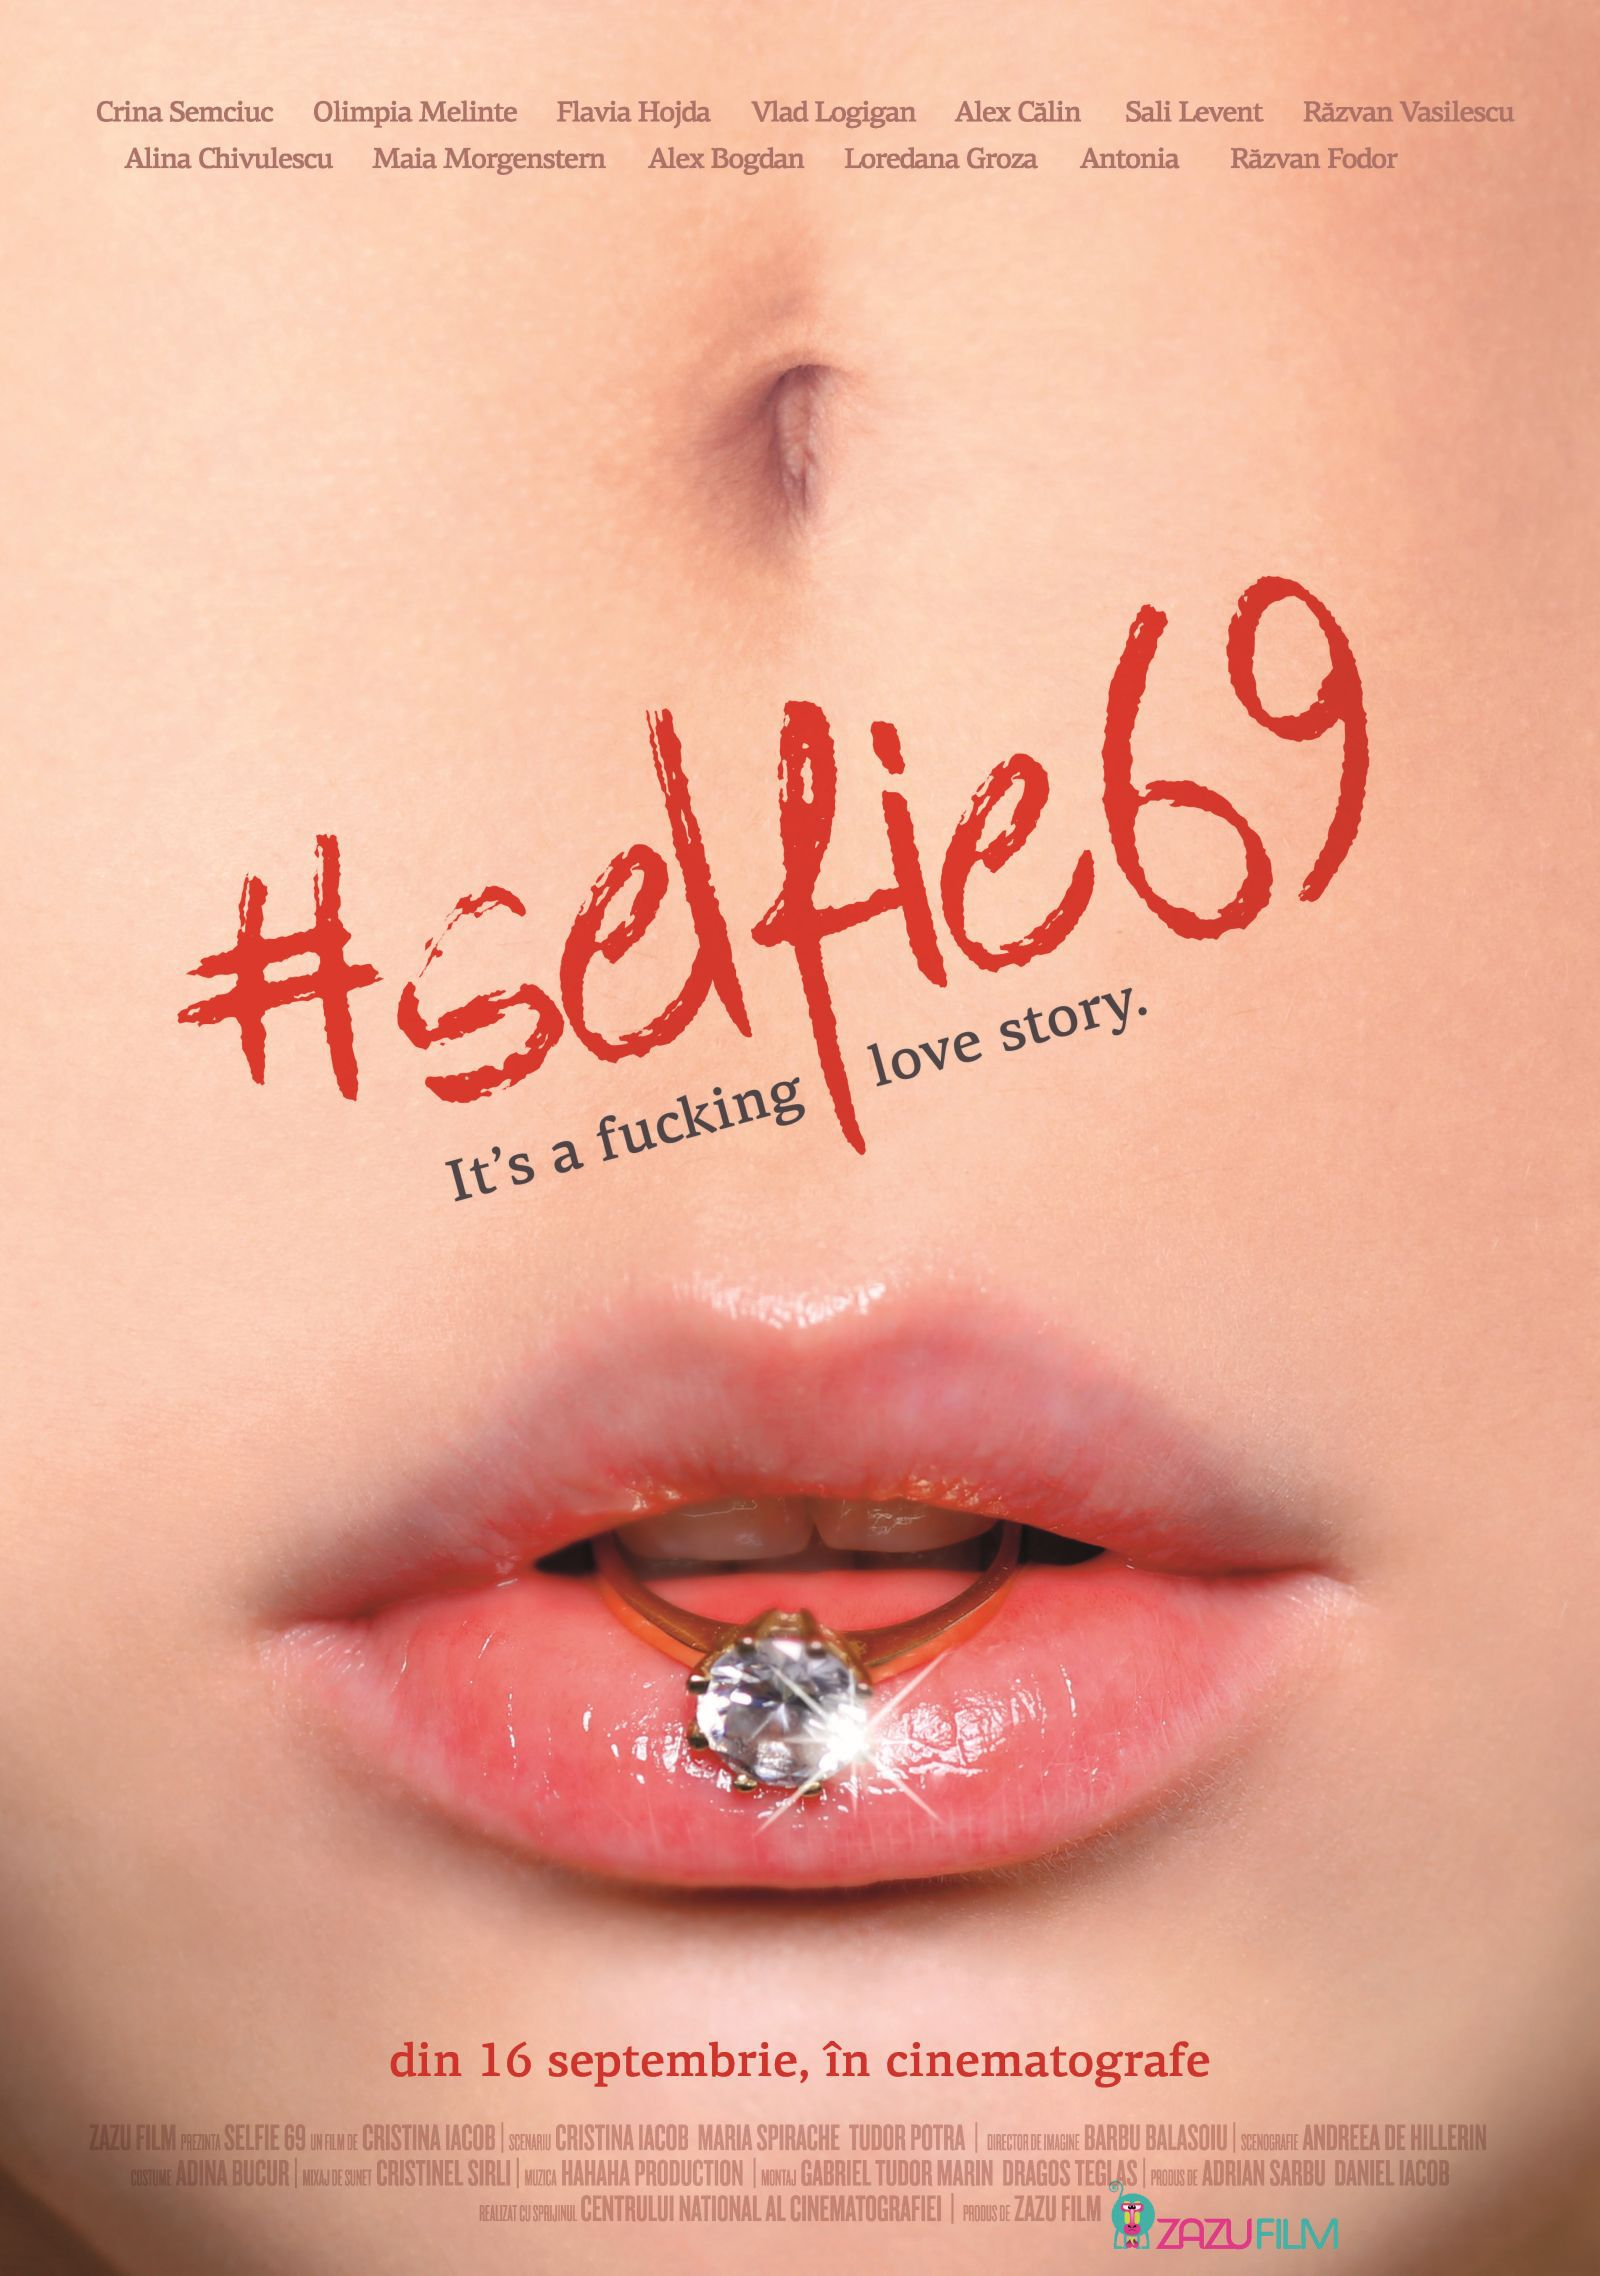 Posterul filmului  #selfie69 interzis de Facebook